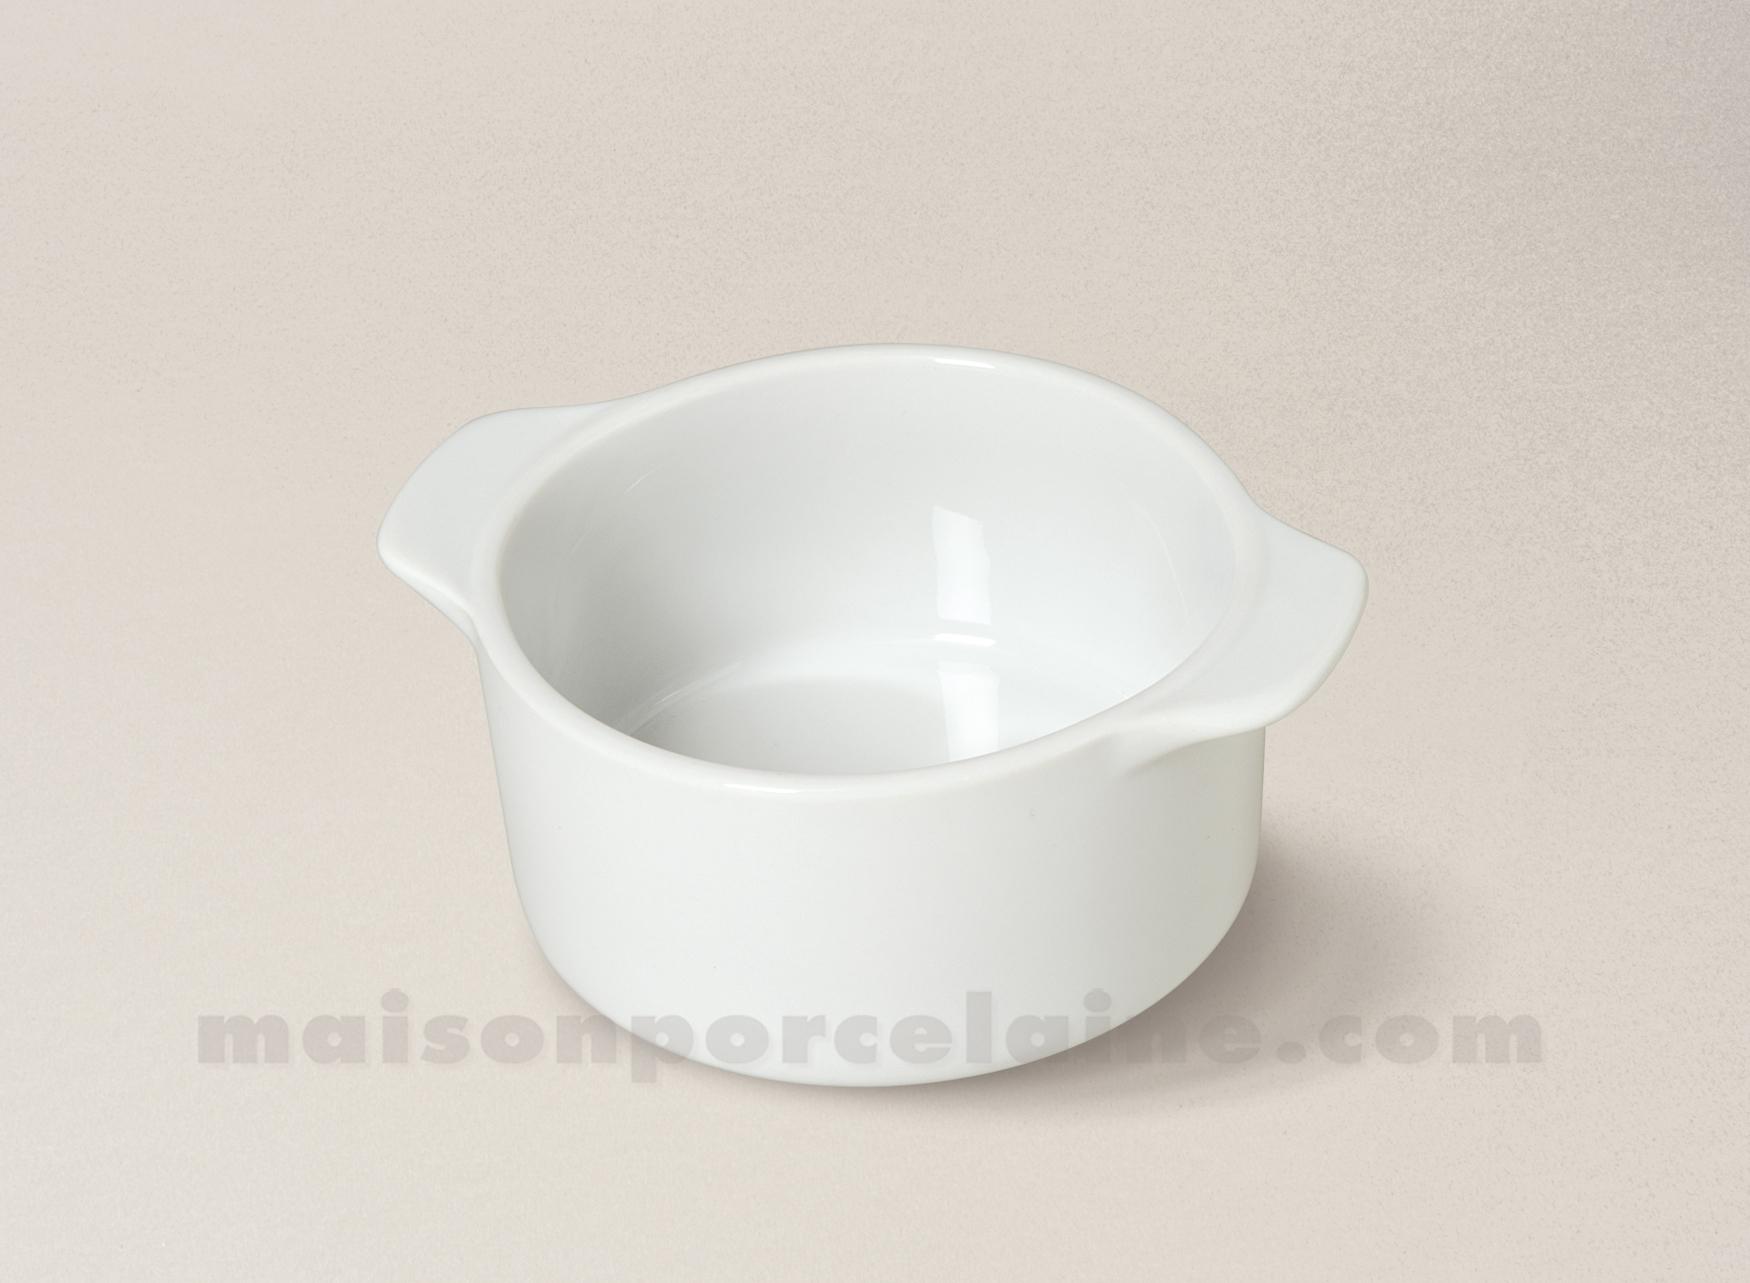 Caquelon porcelaine blanche culinaire pm 13x11x5 maison for Maison de la porcelaine